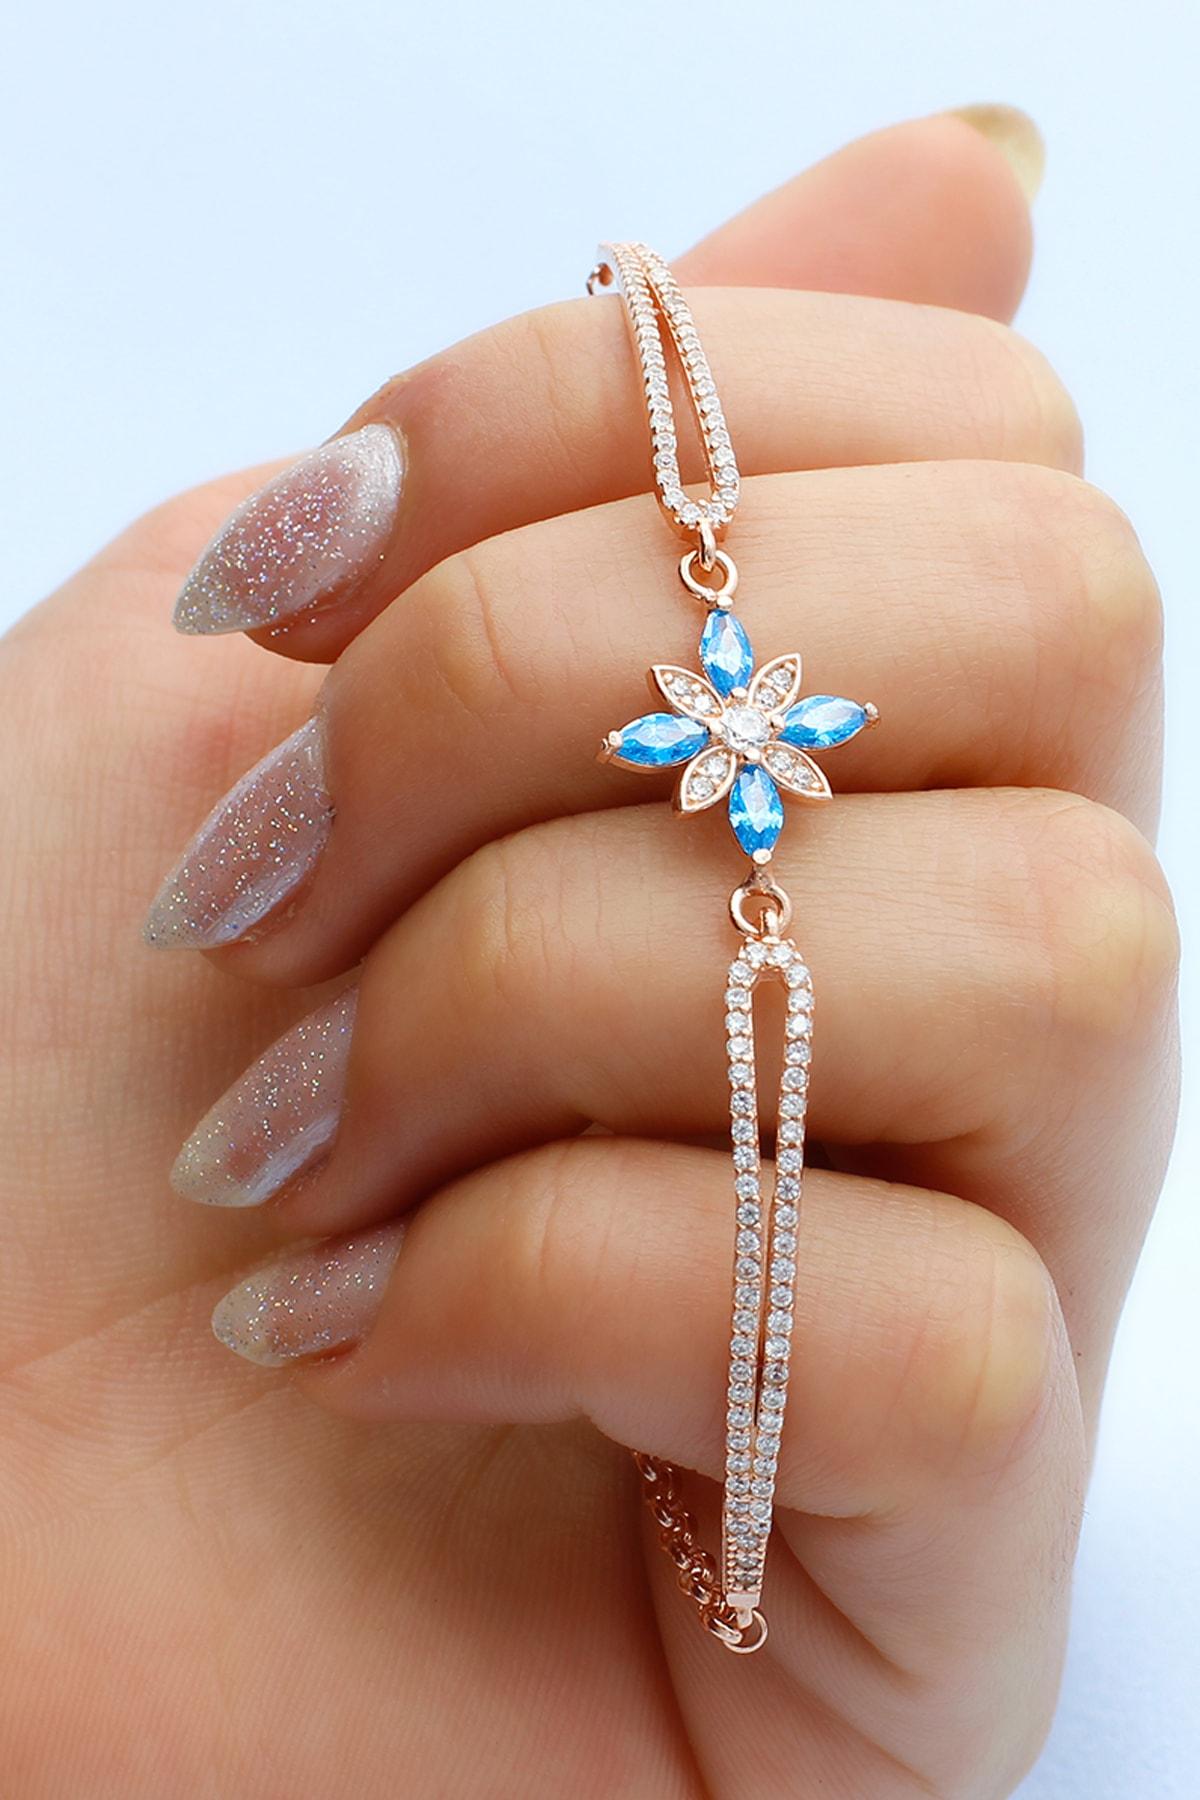 Else Silver Kadın Rose Taşlı Umut Çiçeği Kelepçe Modeli Gümüş Bileklik 2